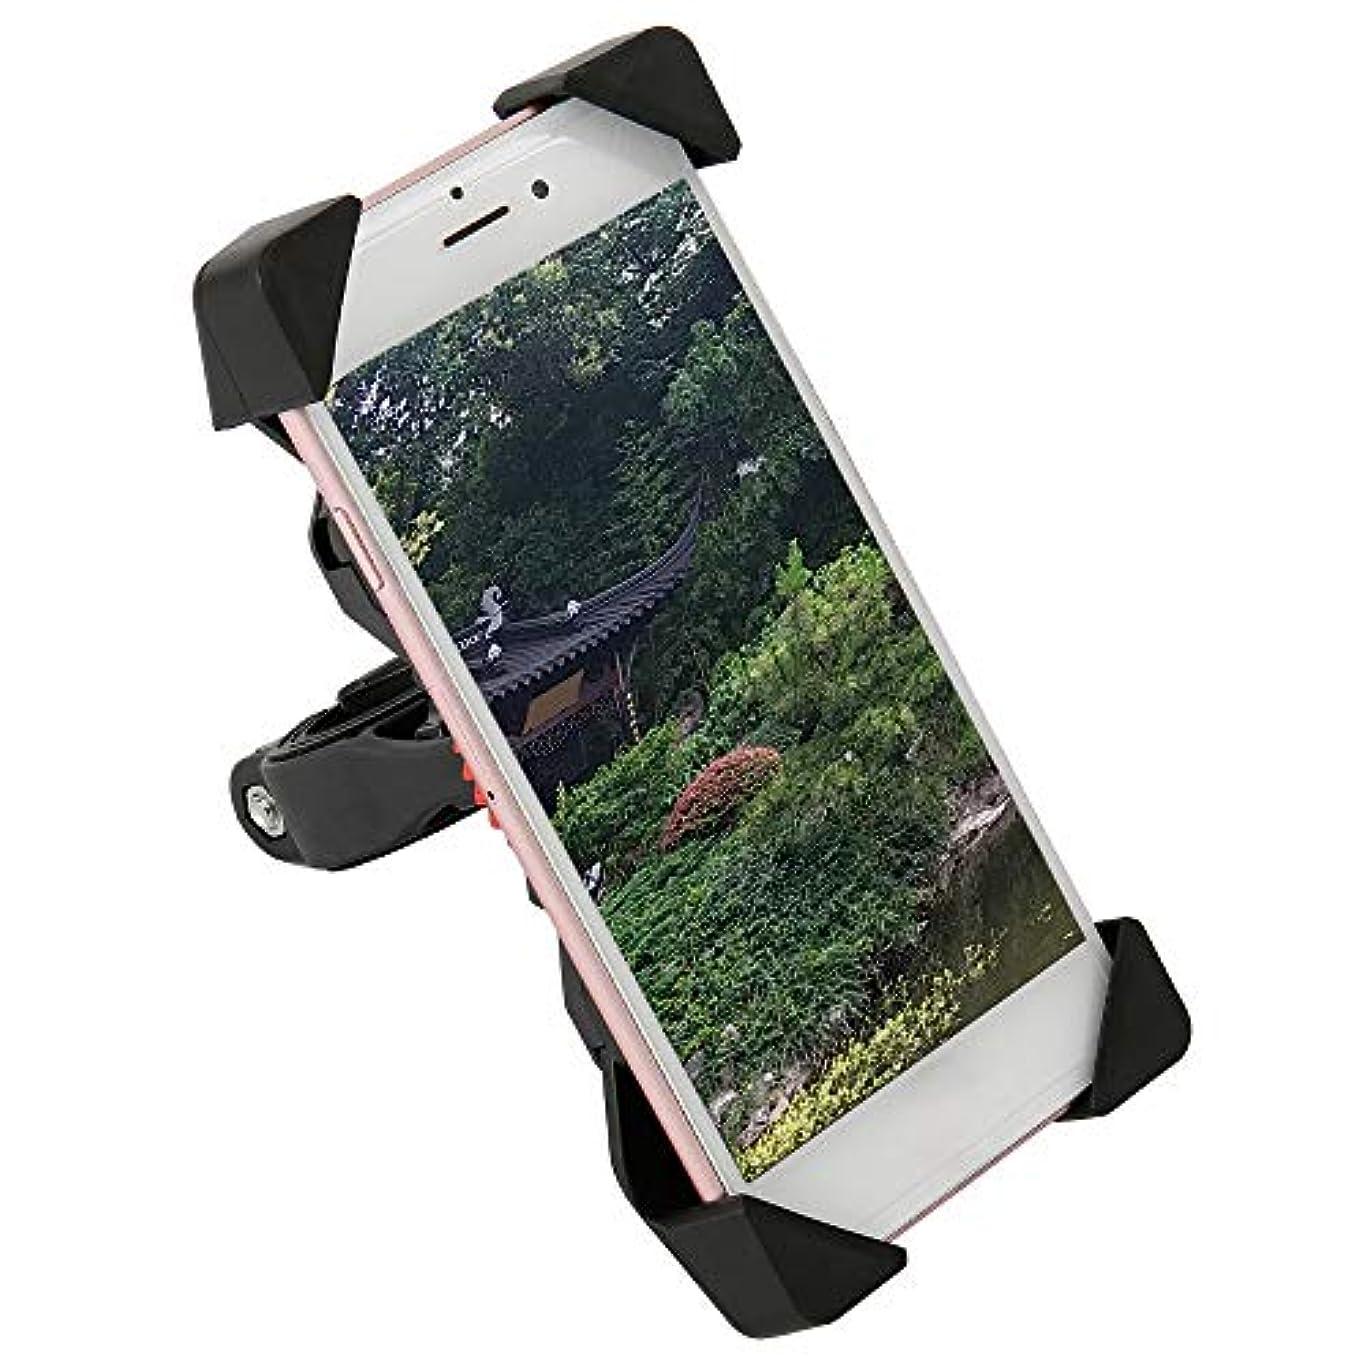 ベスビオ山付き添い人麻酔薬Powanfity 自転車 スマホ ホルダー 振れ止め 脱落防止 オートバイ バイク スマートフォン GPSナビ 携帯 固定用 マウント スタンド 防水 に適用iphone7 8 X xperia HUAWEI android 多機種対応 角度調整 360度回転 脱着簡単 強力な保護 (ブラック)